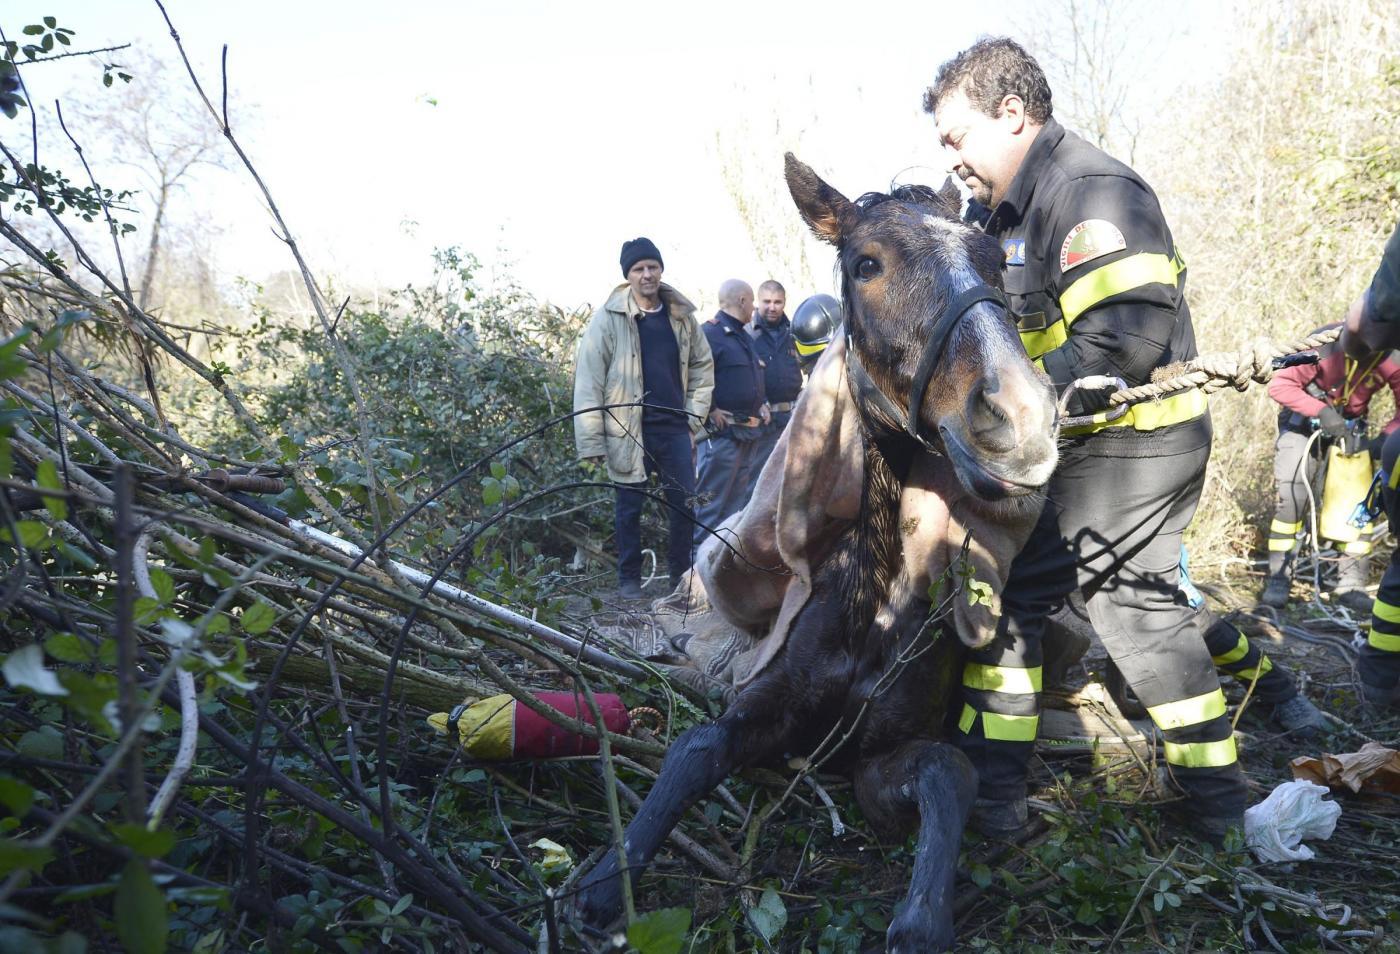 Roma: Salvataggio cavallo nel fiume Aniene11